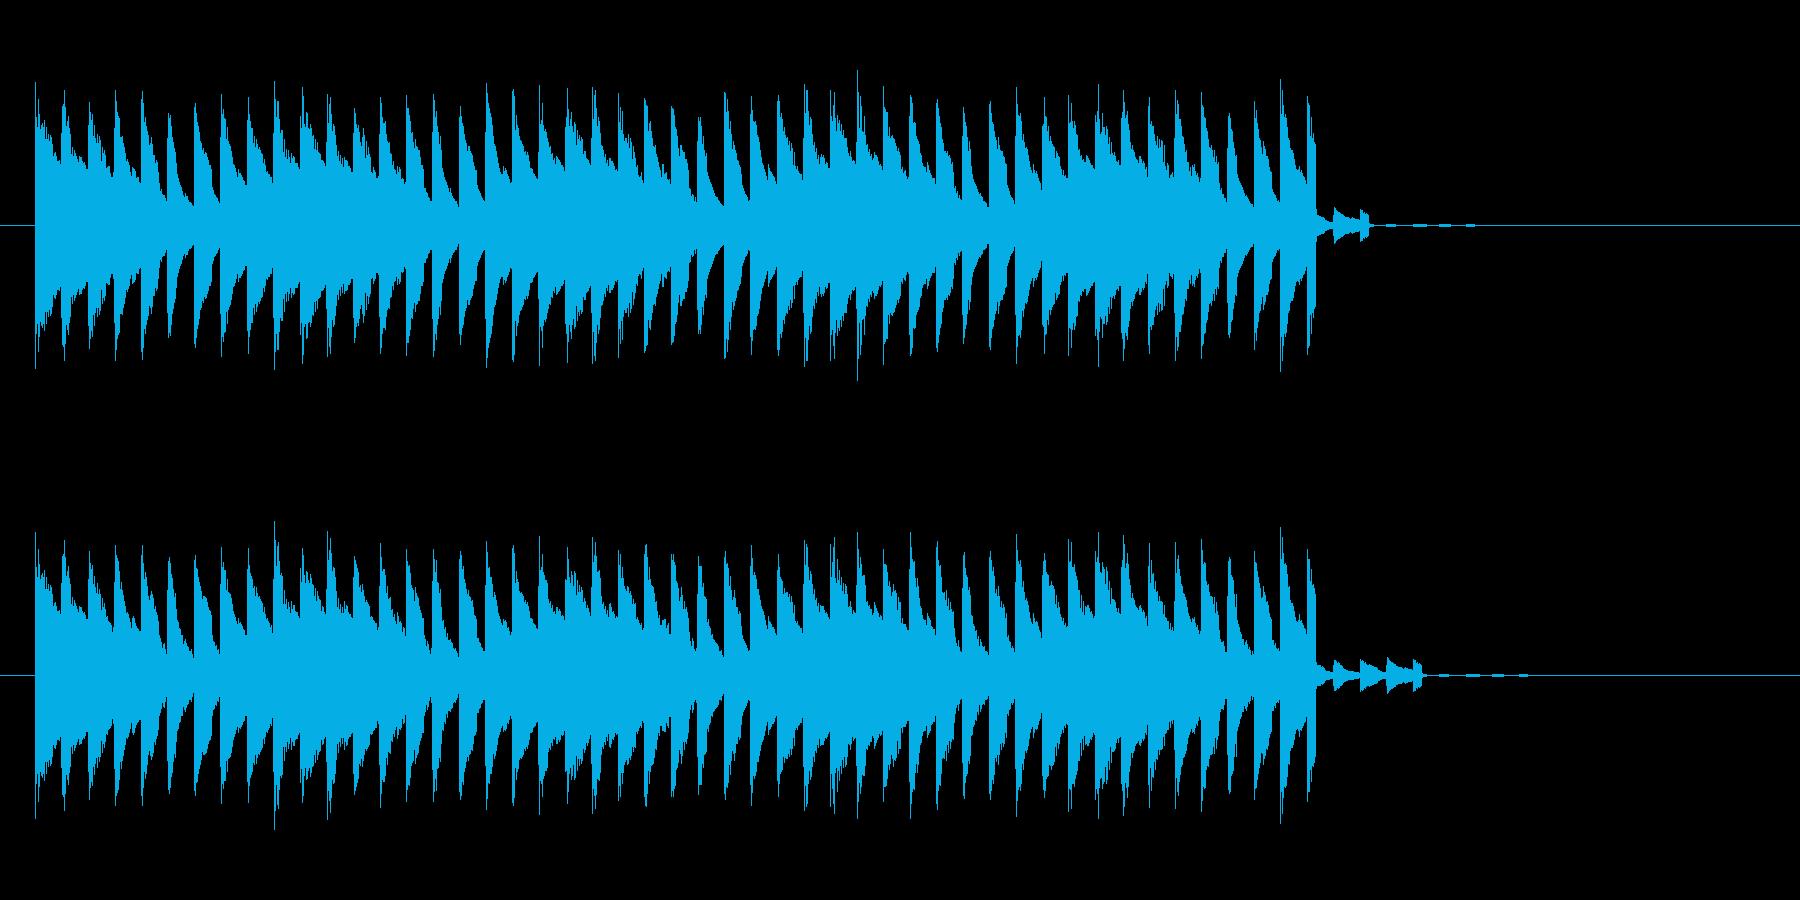 電子的警報音ですの再生済みの波形